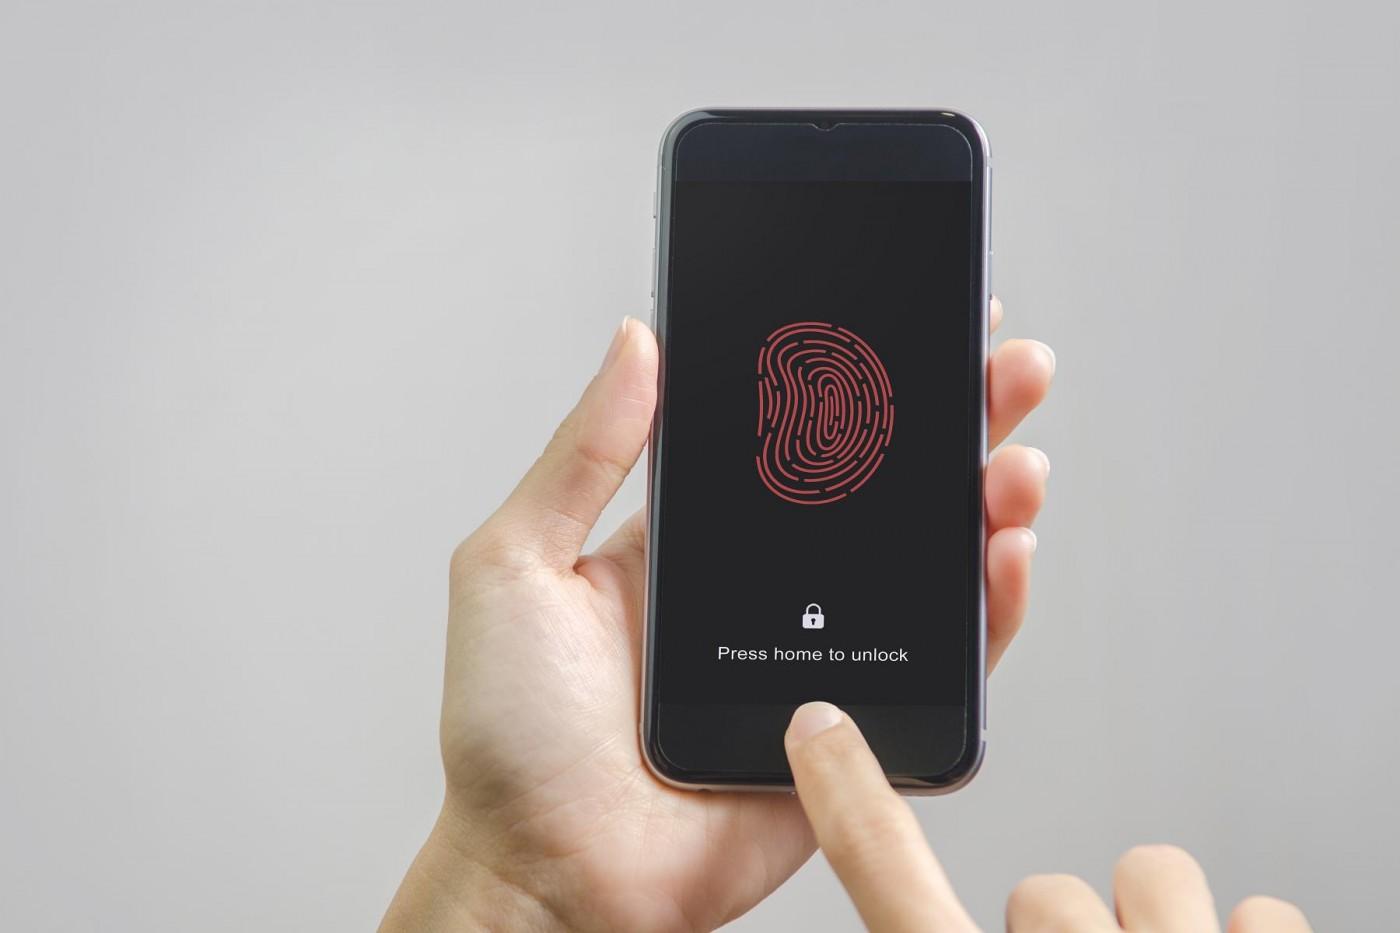 死者指紋解鎖Touch ID,為什麼不行?從科技層面談起